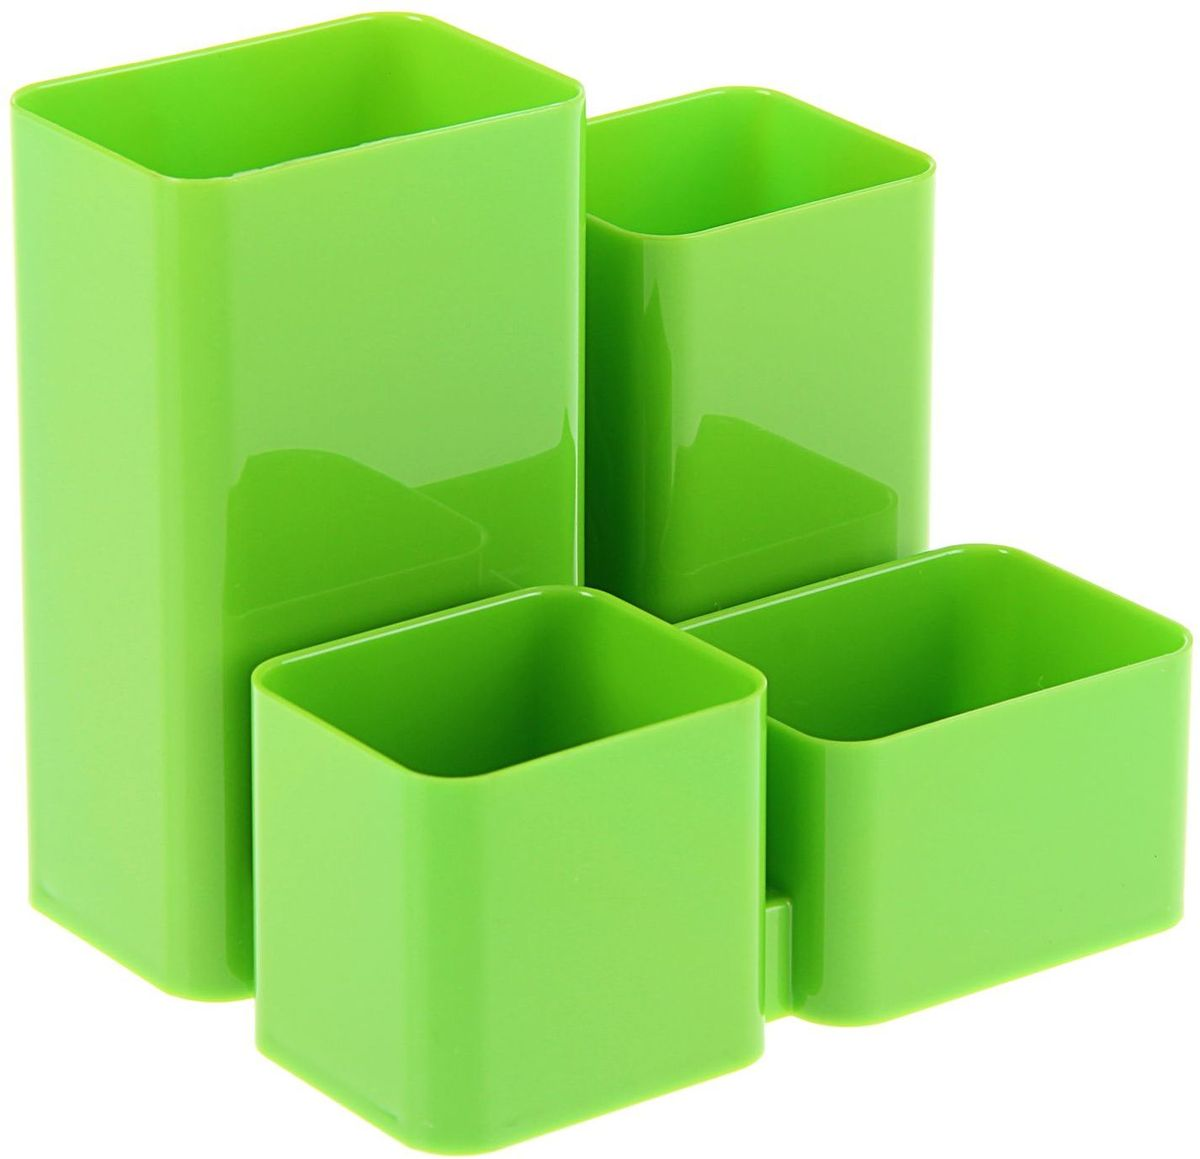 Стамм Органайзер настольный Юниор цвет зеленый161637Органайзер Стамм Юниор – простая и практичная вещь. Он очень быстро станет незаменимым жителем на рабочем столе. Множество отделений вместят в себя все самое необходимое, сэкономив тем самым ваше время, пространство на столе и деньги.